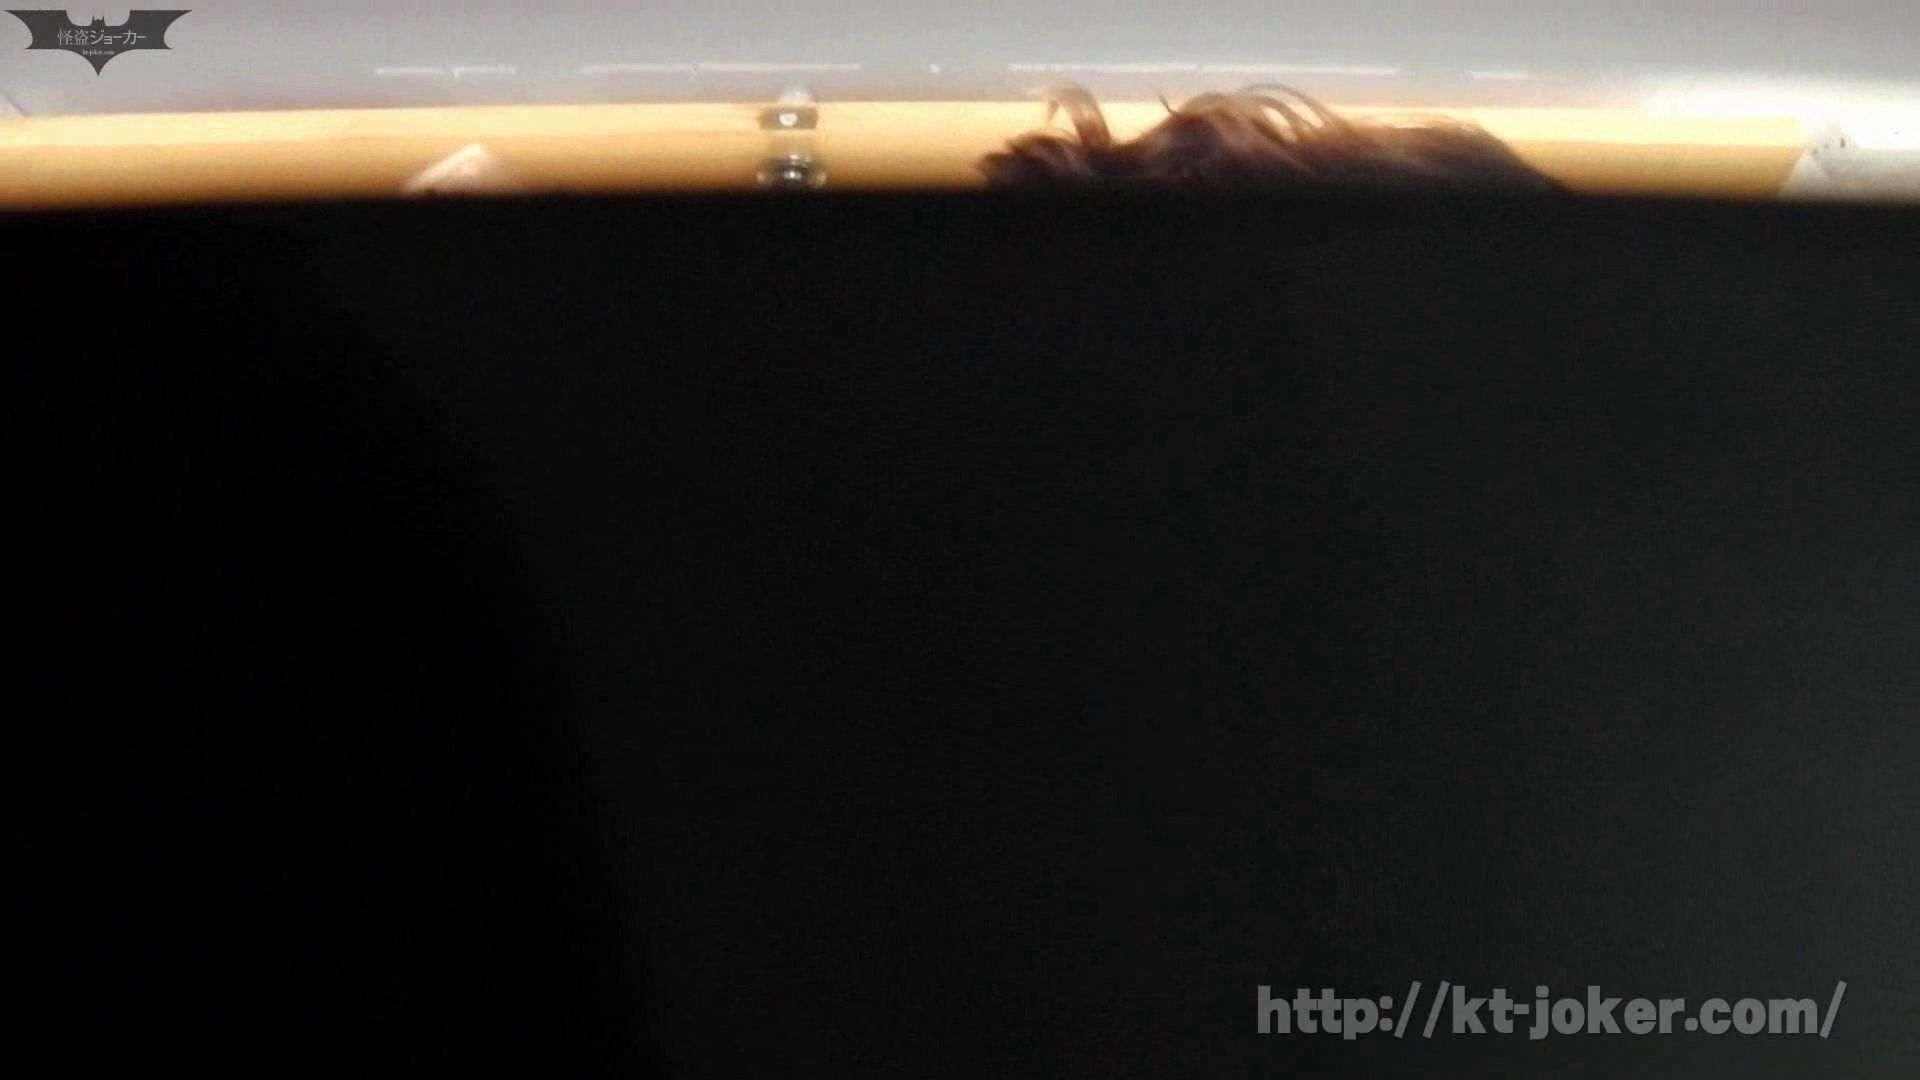 命がけ潜伏洗面所! vol.55 モデル級?「いやモデルだね!」な美女登場! プライベート オメコ動画キャプチャ 92連発 10